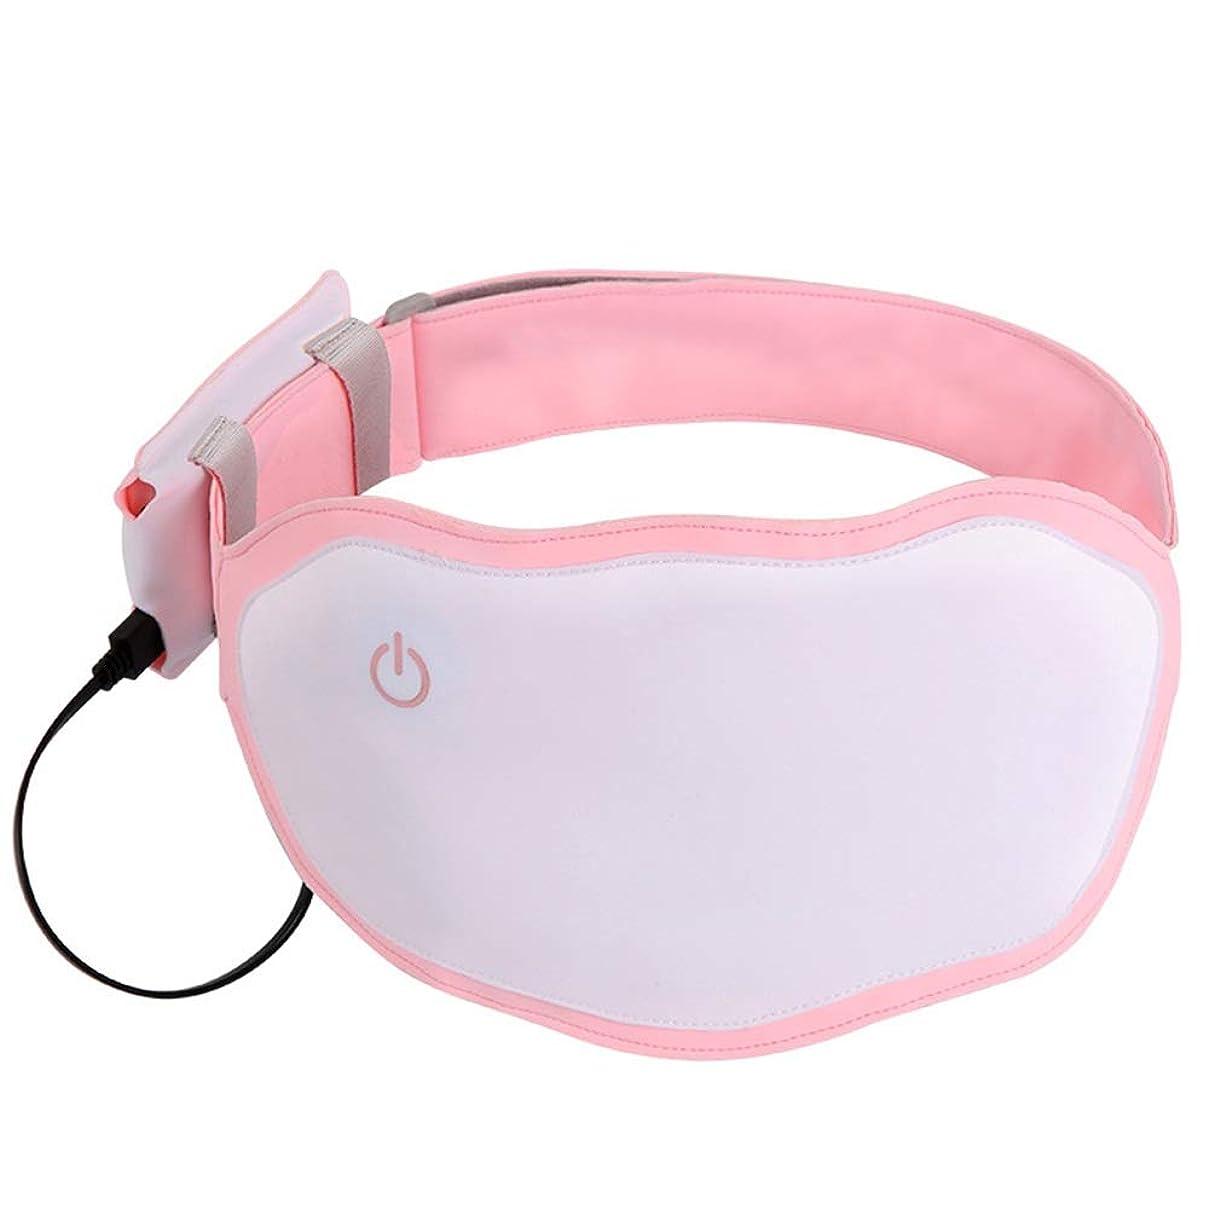 畝間速い五ウエストバックの首の痛みを軽減するための電気暖房ウエストパッドポータブル温暖ベルト 腰痛保護バンド (色 : ピンク, サイズ : Free size)